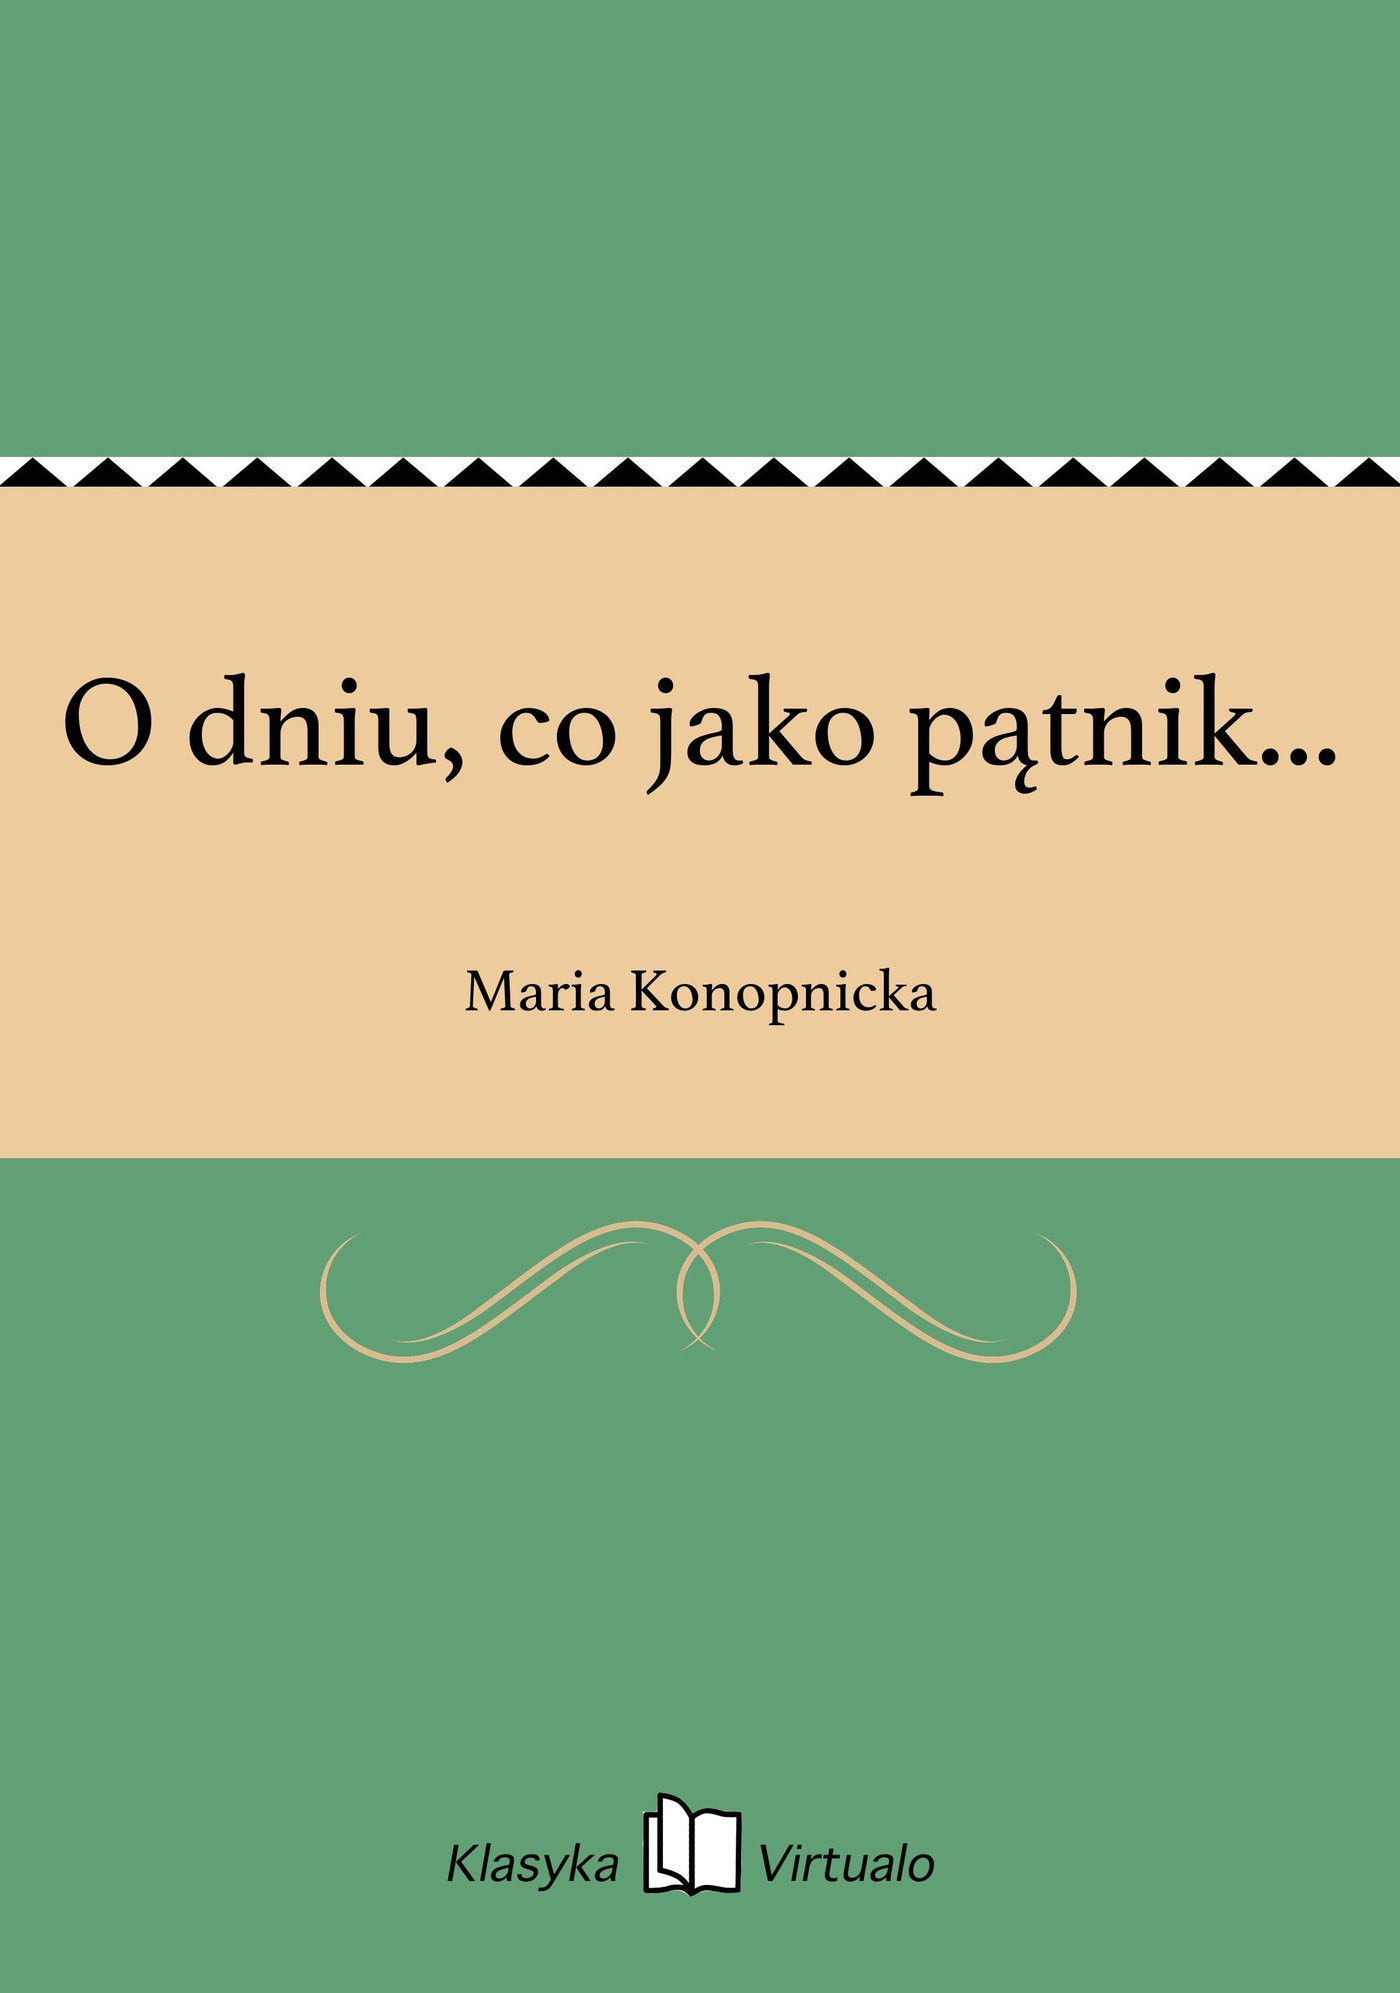 O dniu, co jako pątnik... - Ebook (Książka na Kindle) do pobrania w formacie MOBI